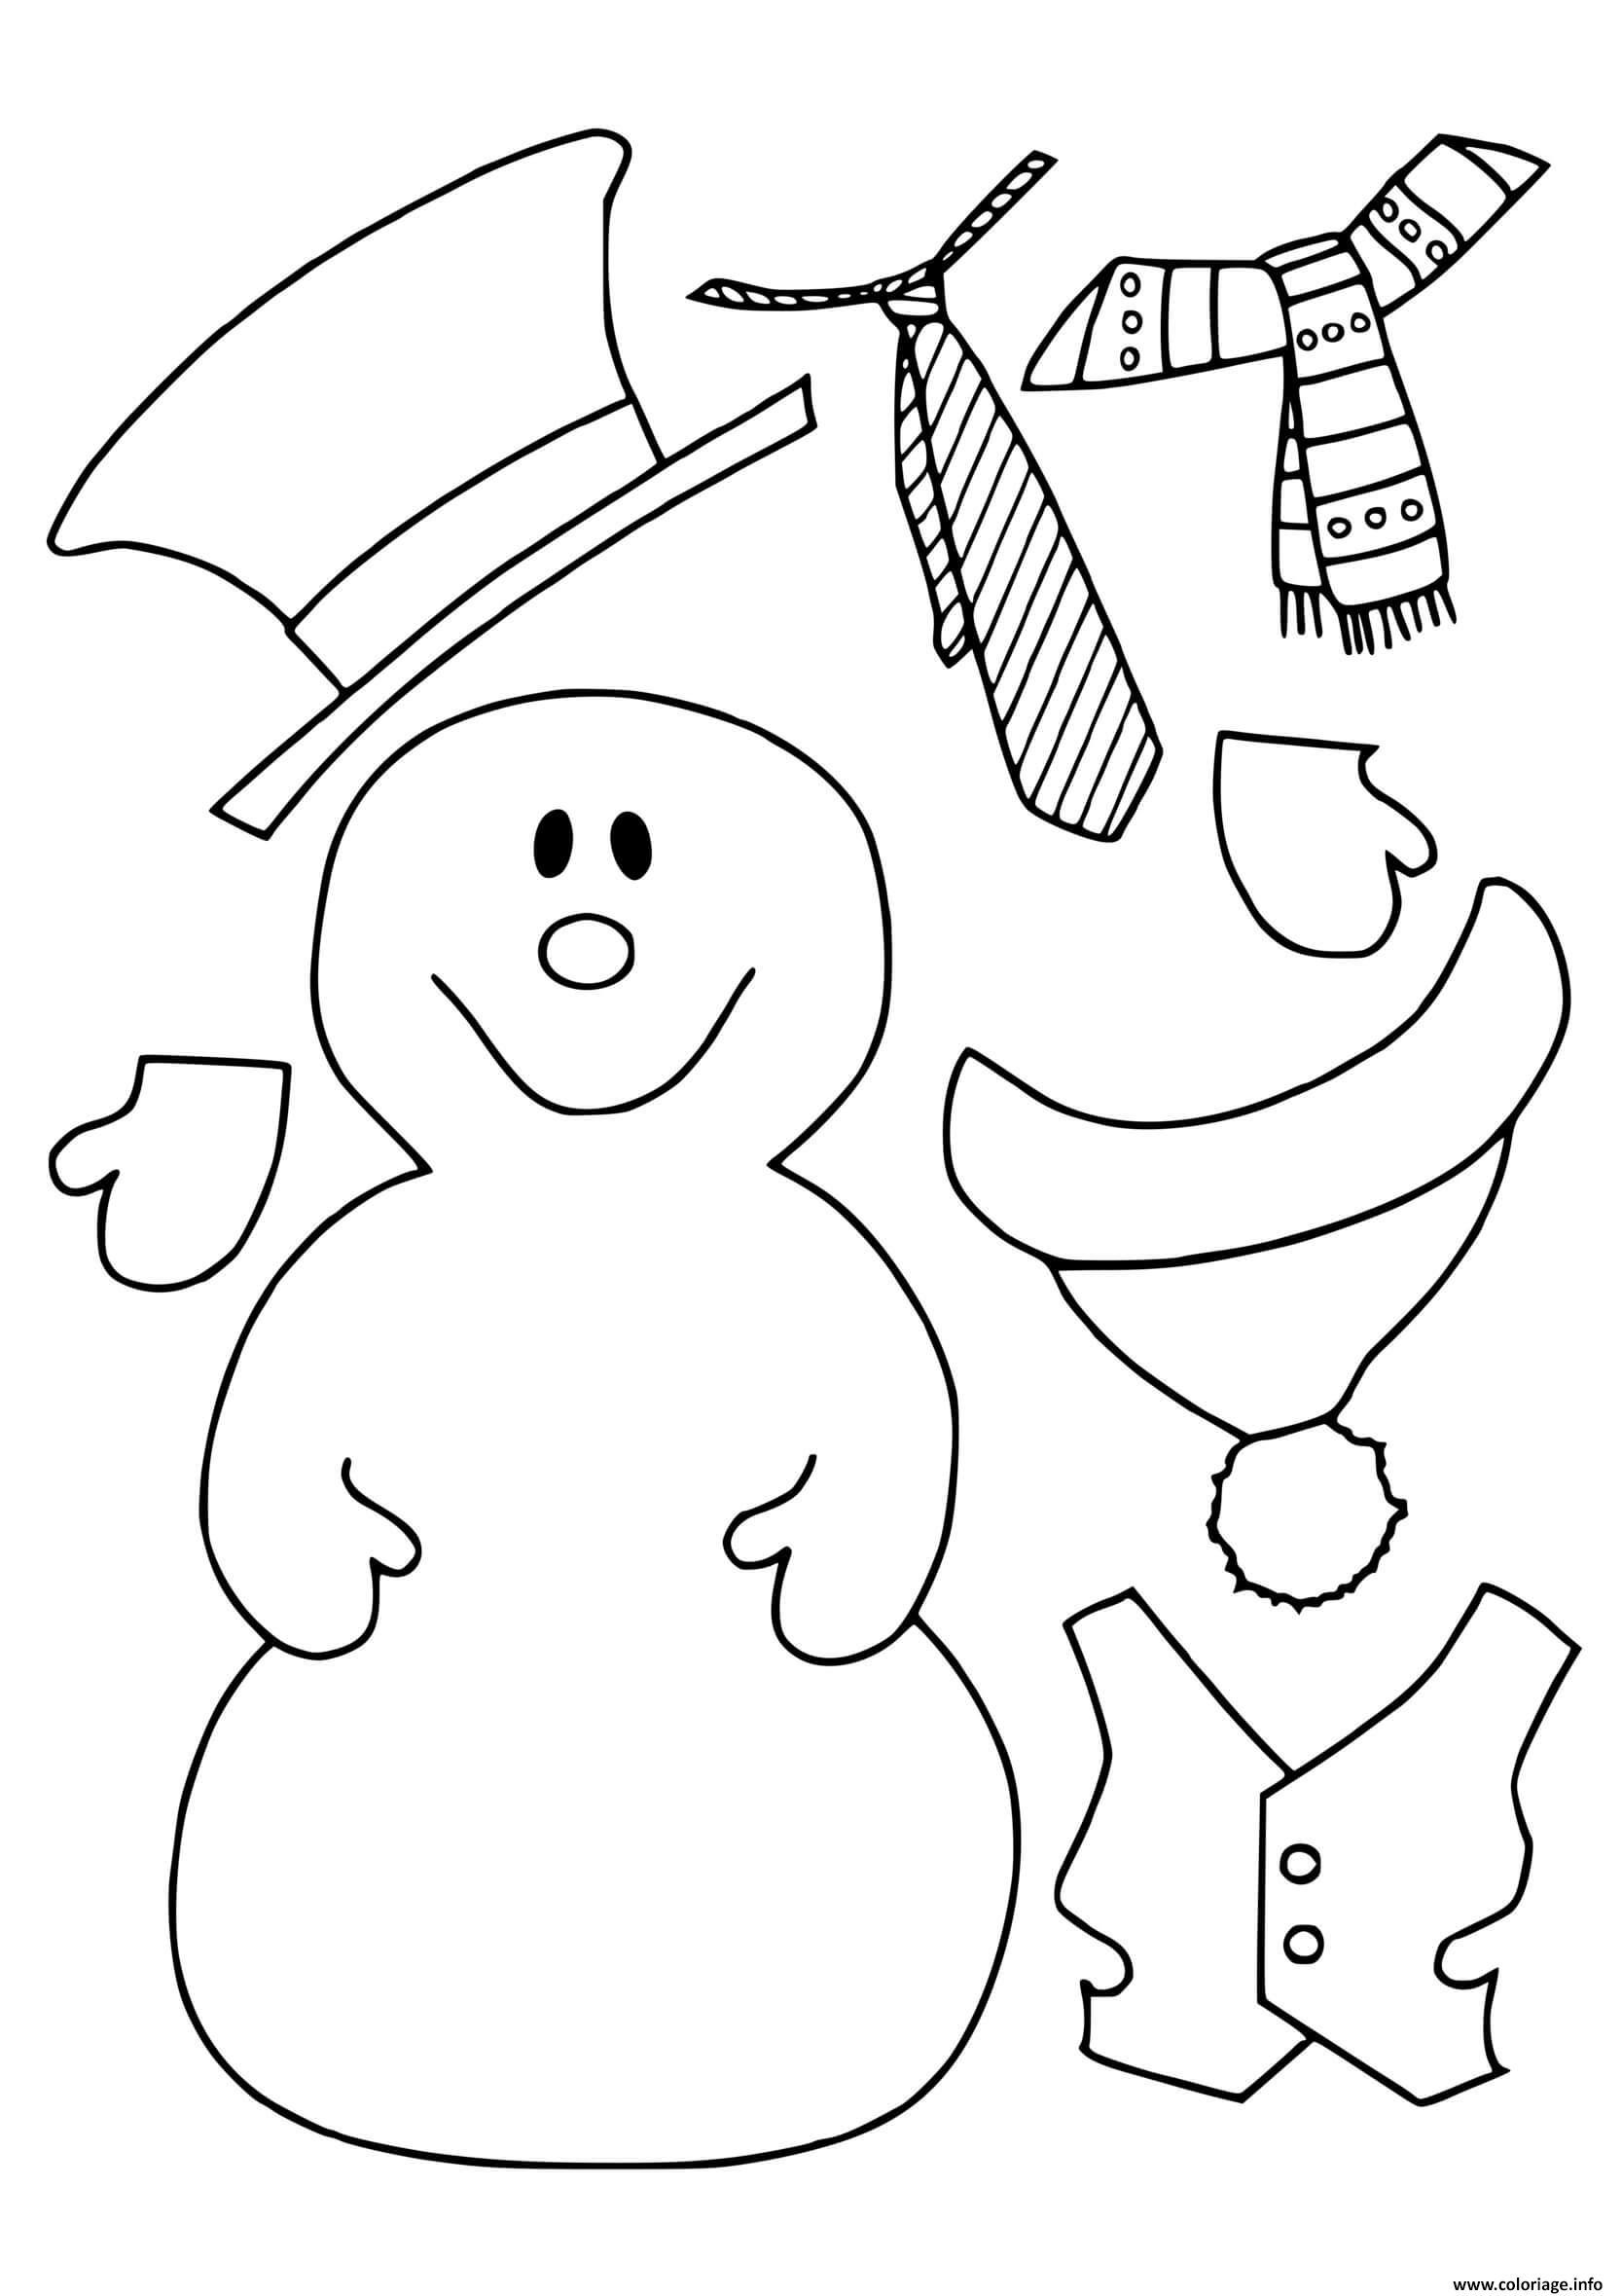 Dessin dessin hiver maternelle bonhomme de neige avec ses habits Coloriage Gratuit à Imprimer